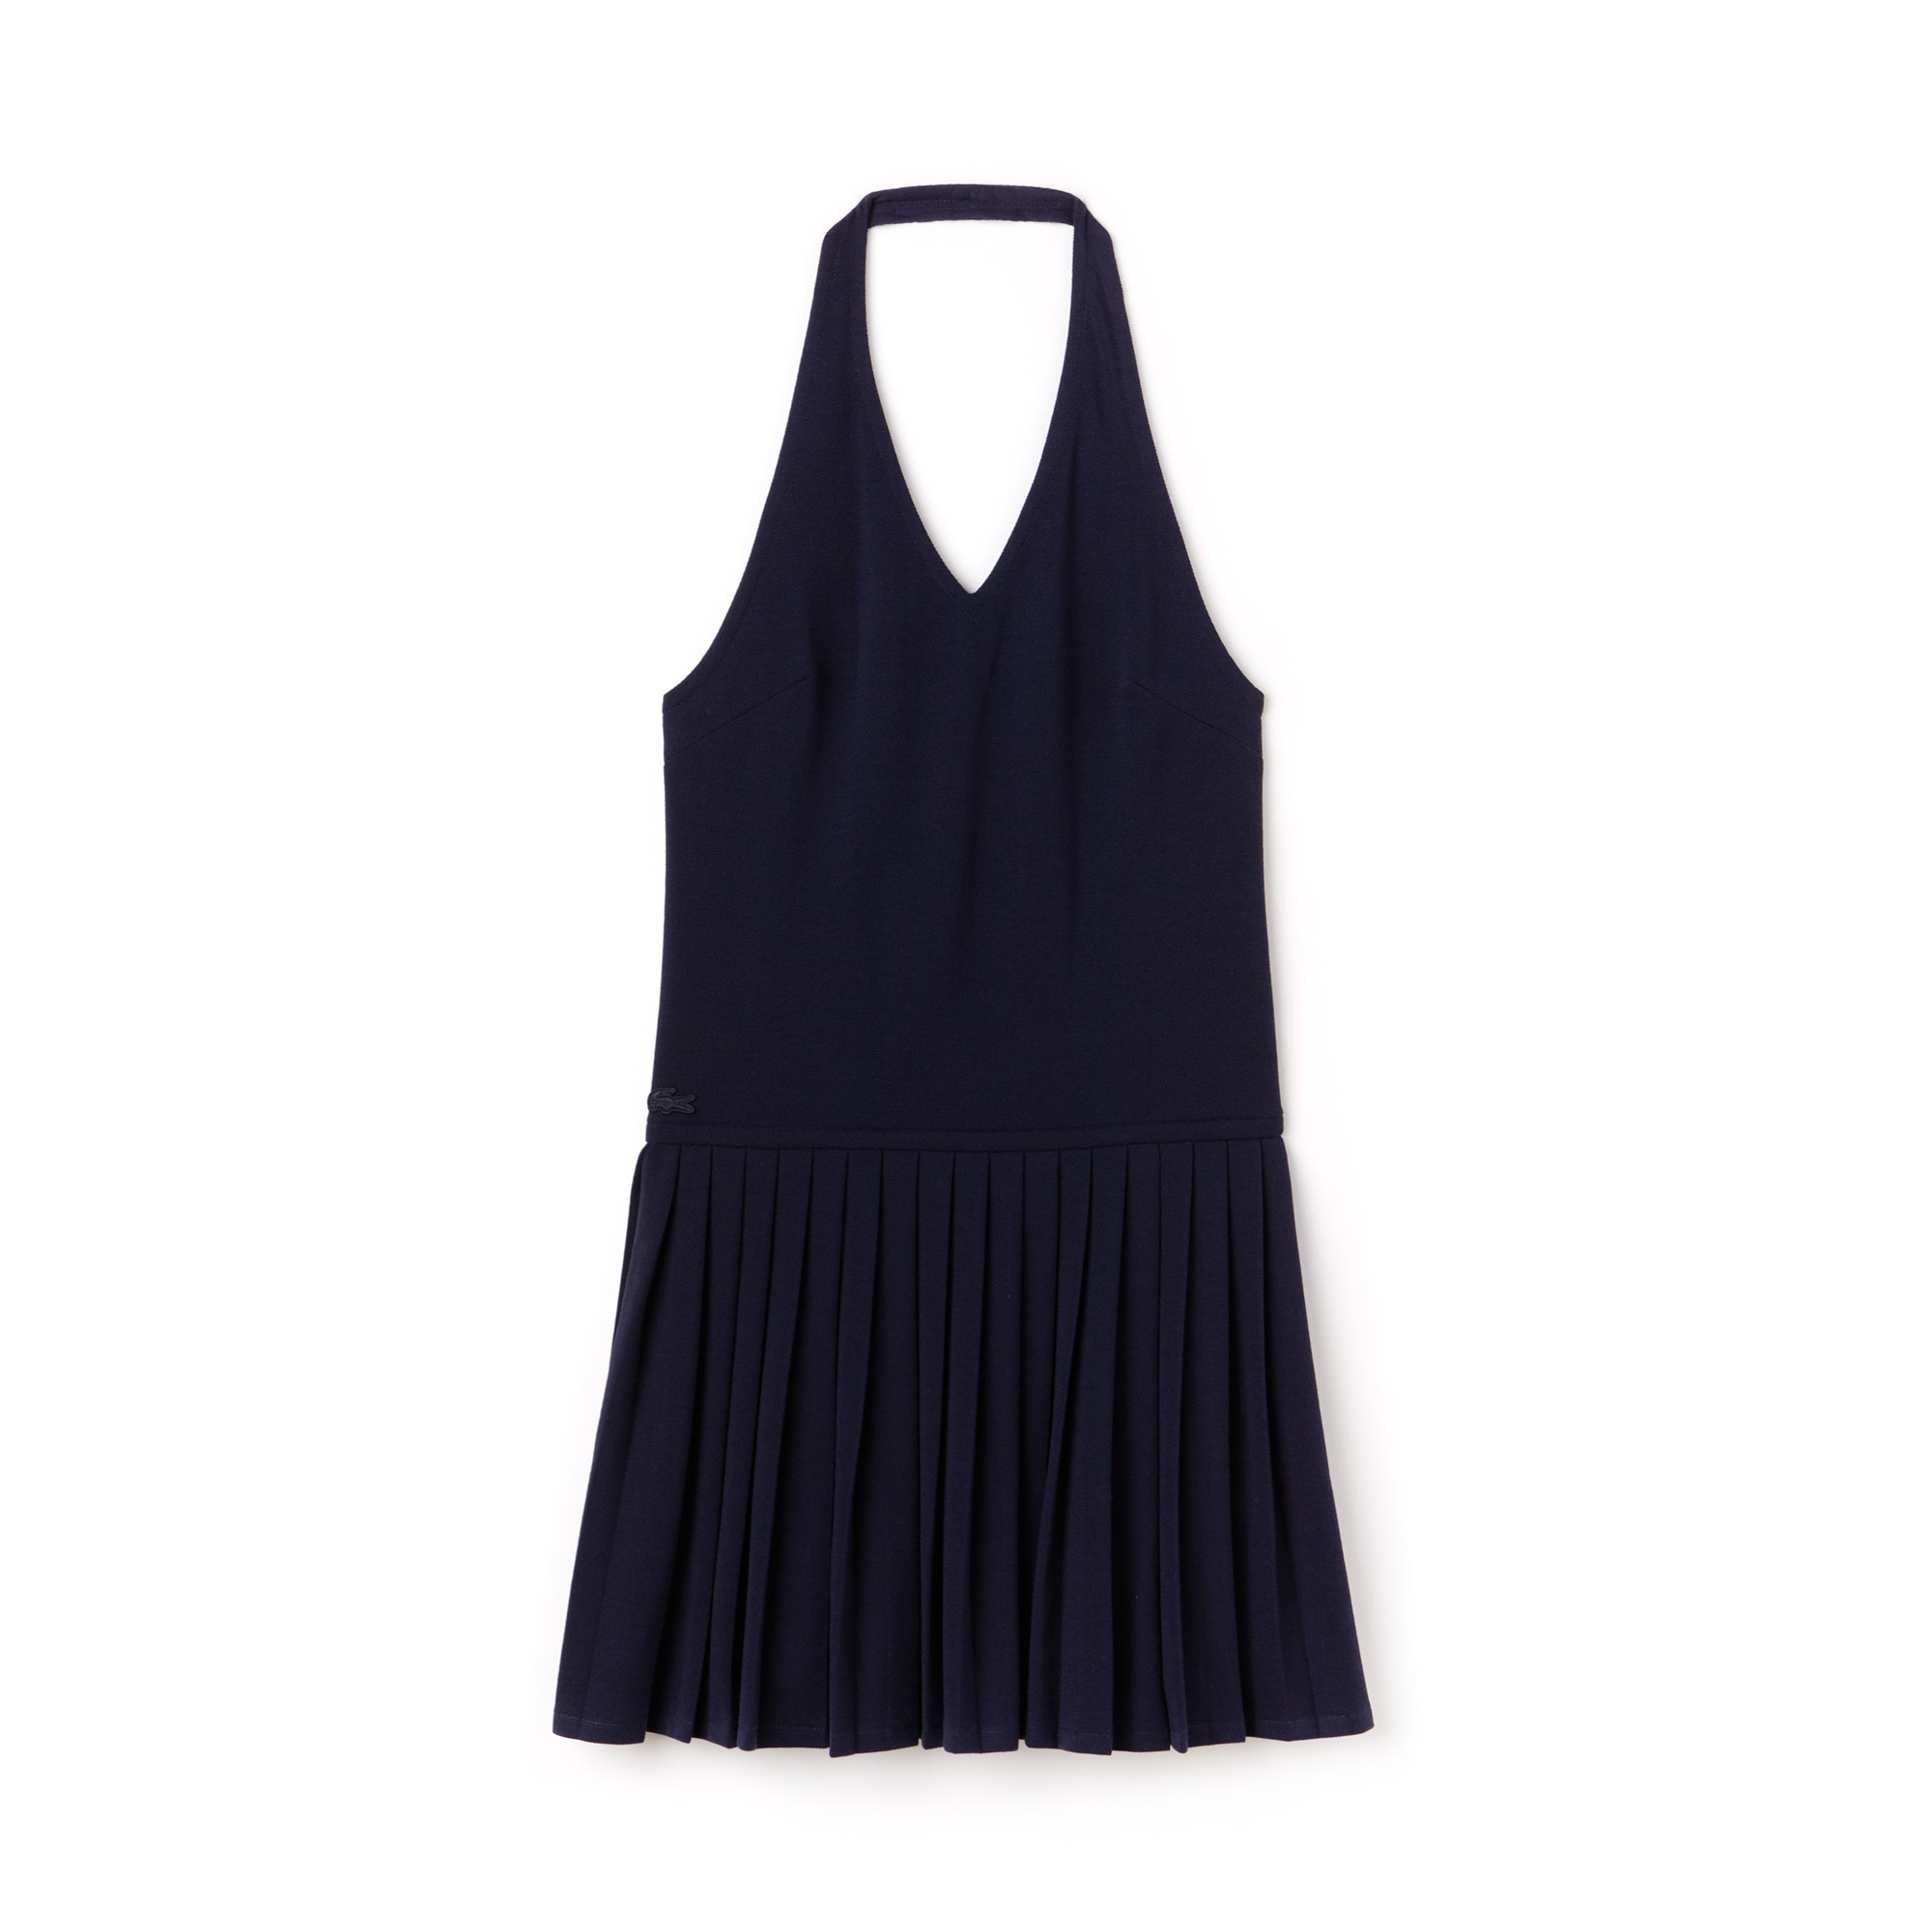 Vestido espalda desnuda de pequeño piqué Edición limitada Aniversario 85 años